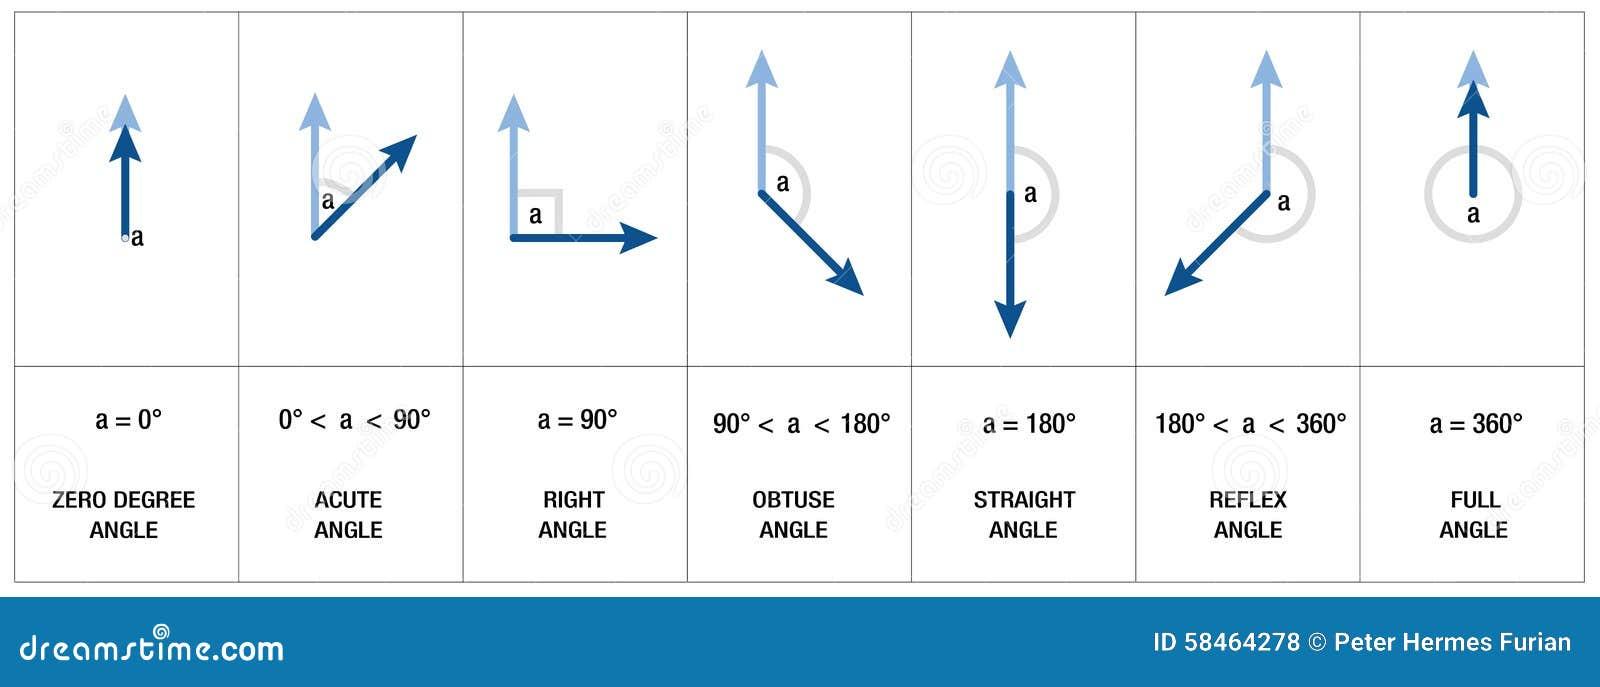 Angles Types Geometry Trigonometry Stock Vector - Image: 58464278